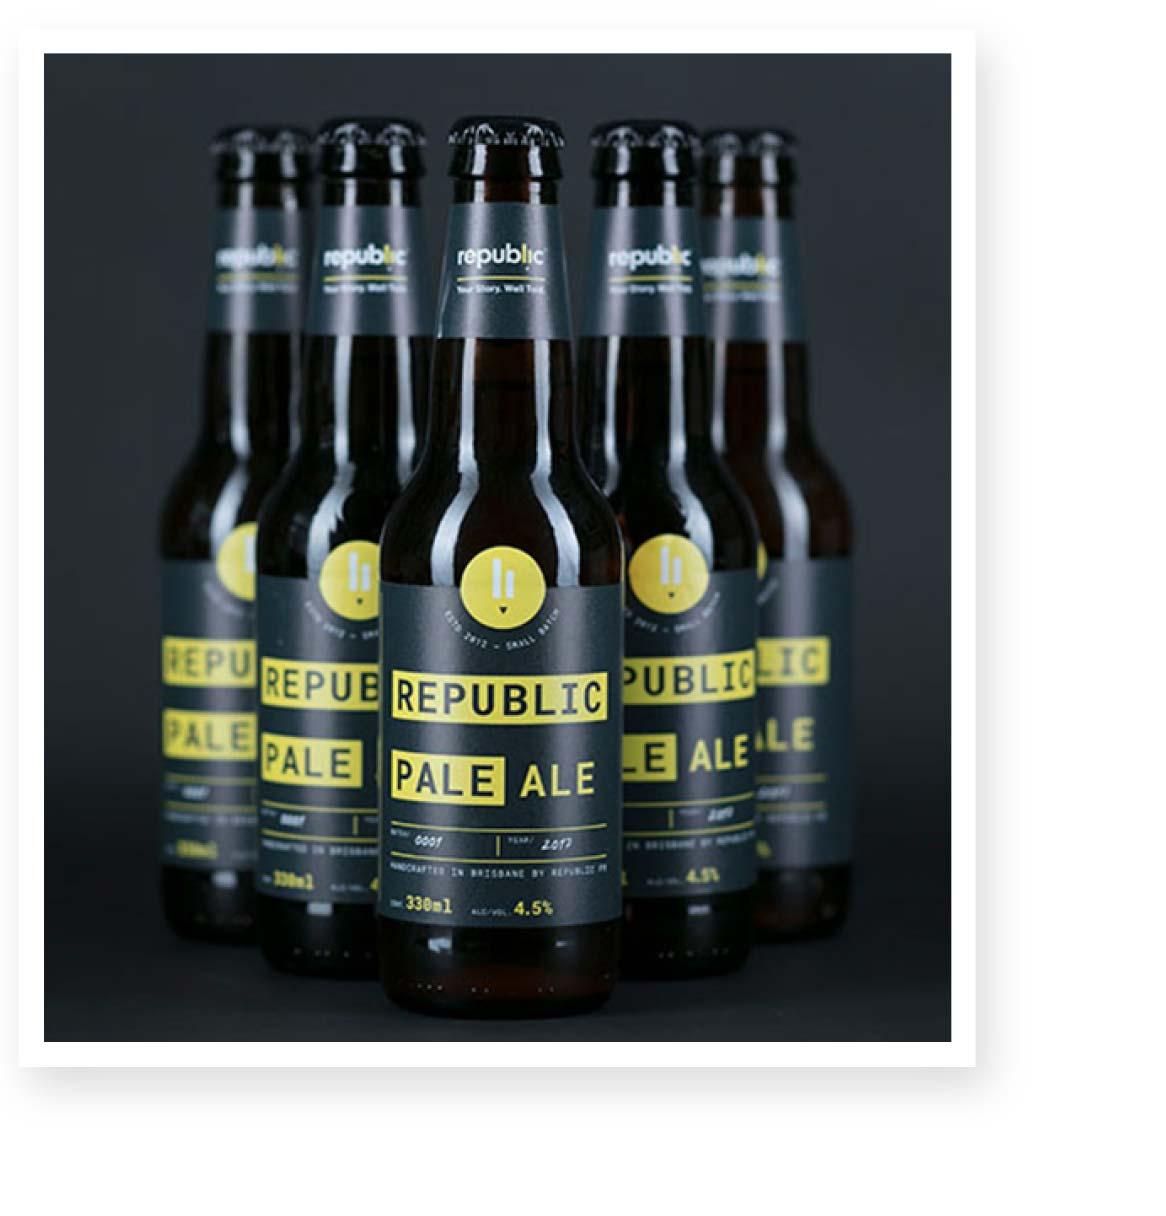 Republic PR Beer Packaging